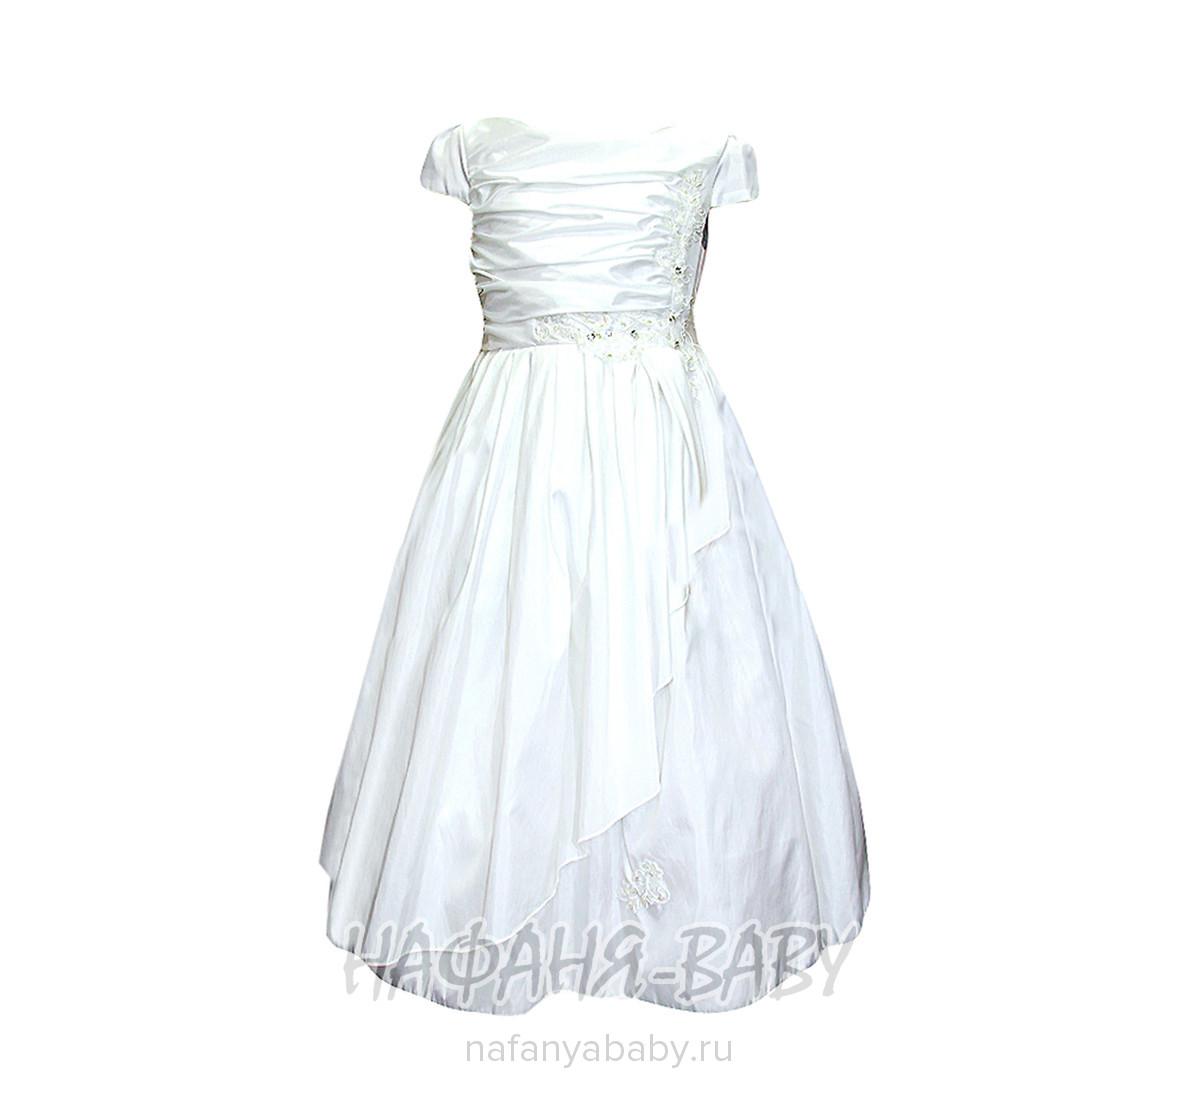 Нарядное платье для девочки BABY MOSES арт: 6185, 1-4 года, 5-9 лет, оптом Китай (Пекин)